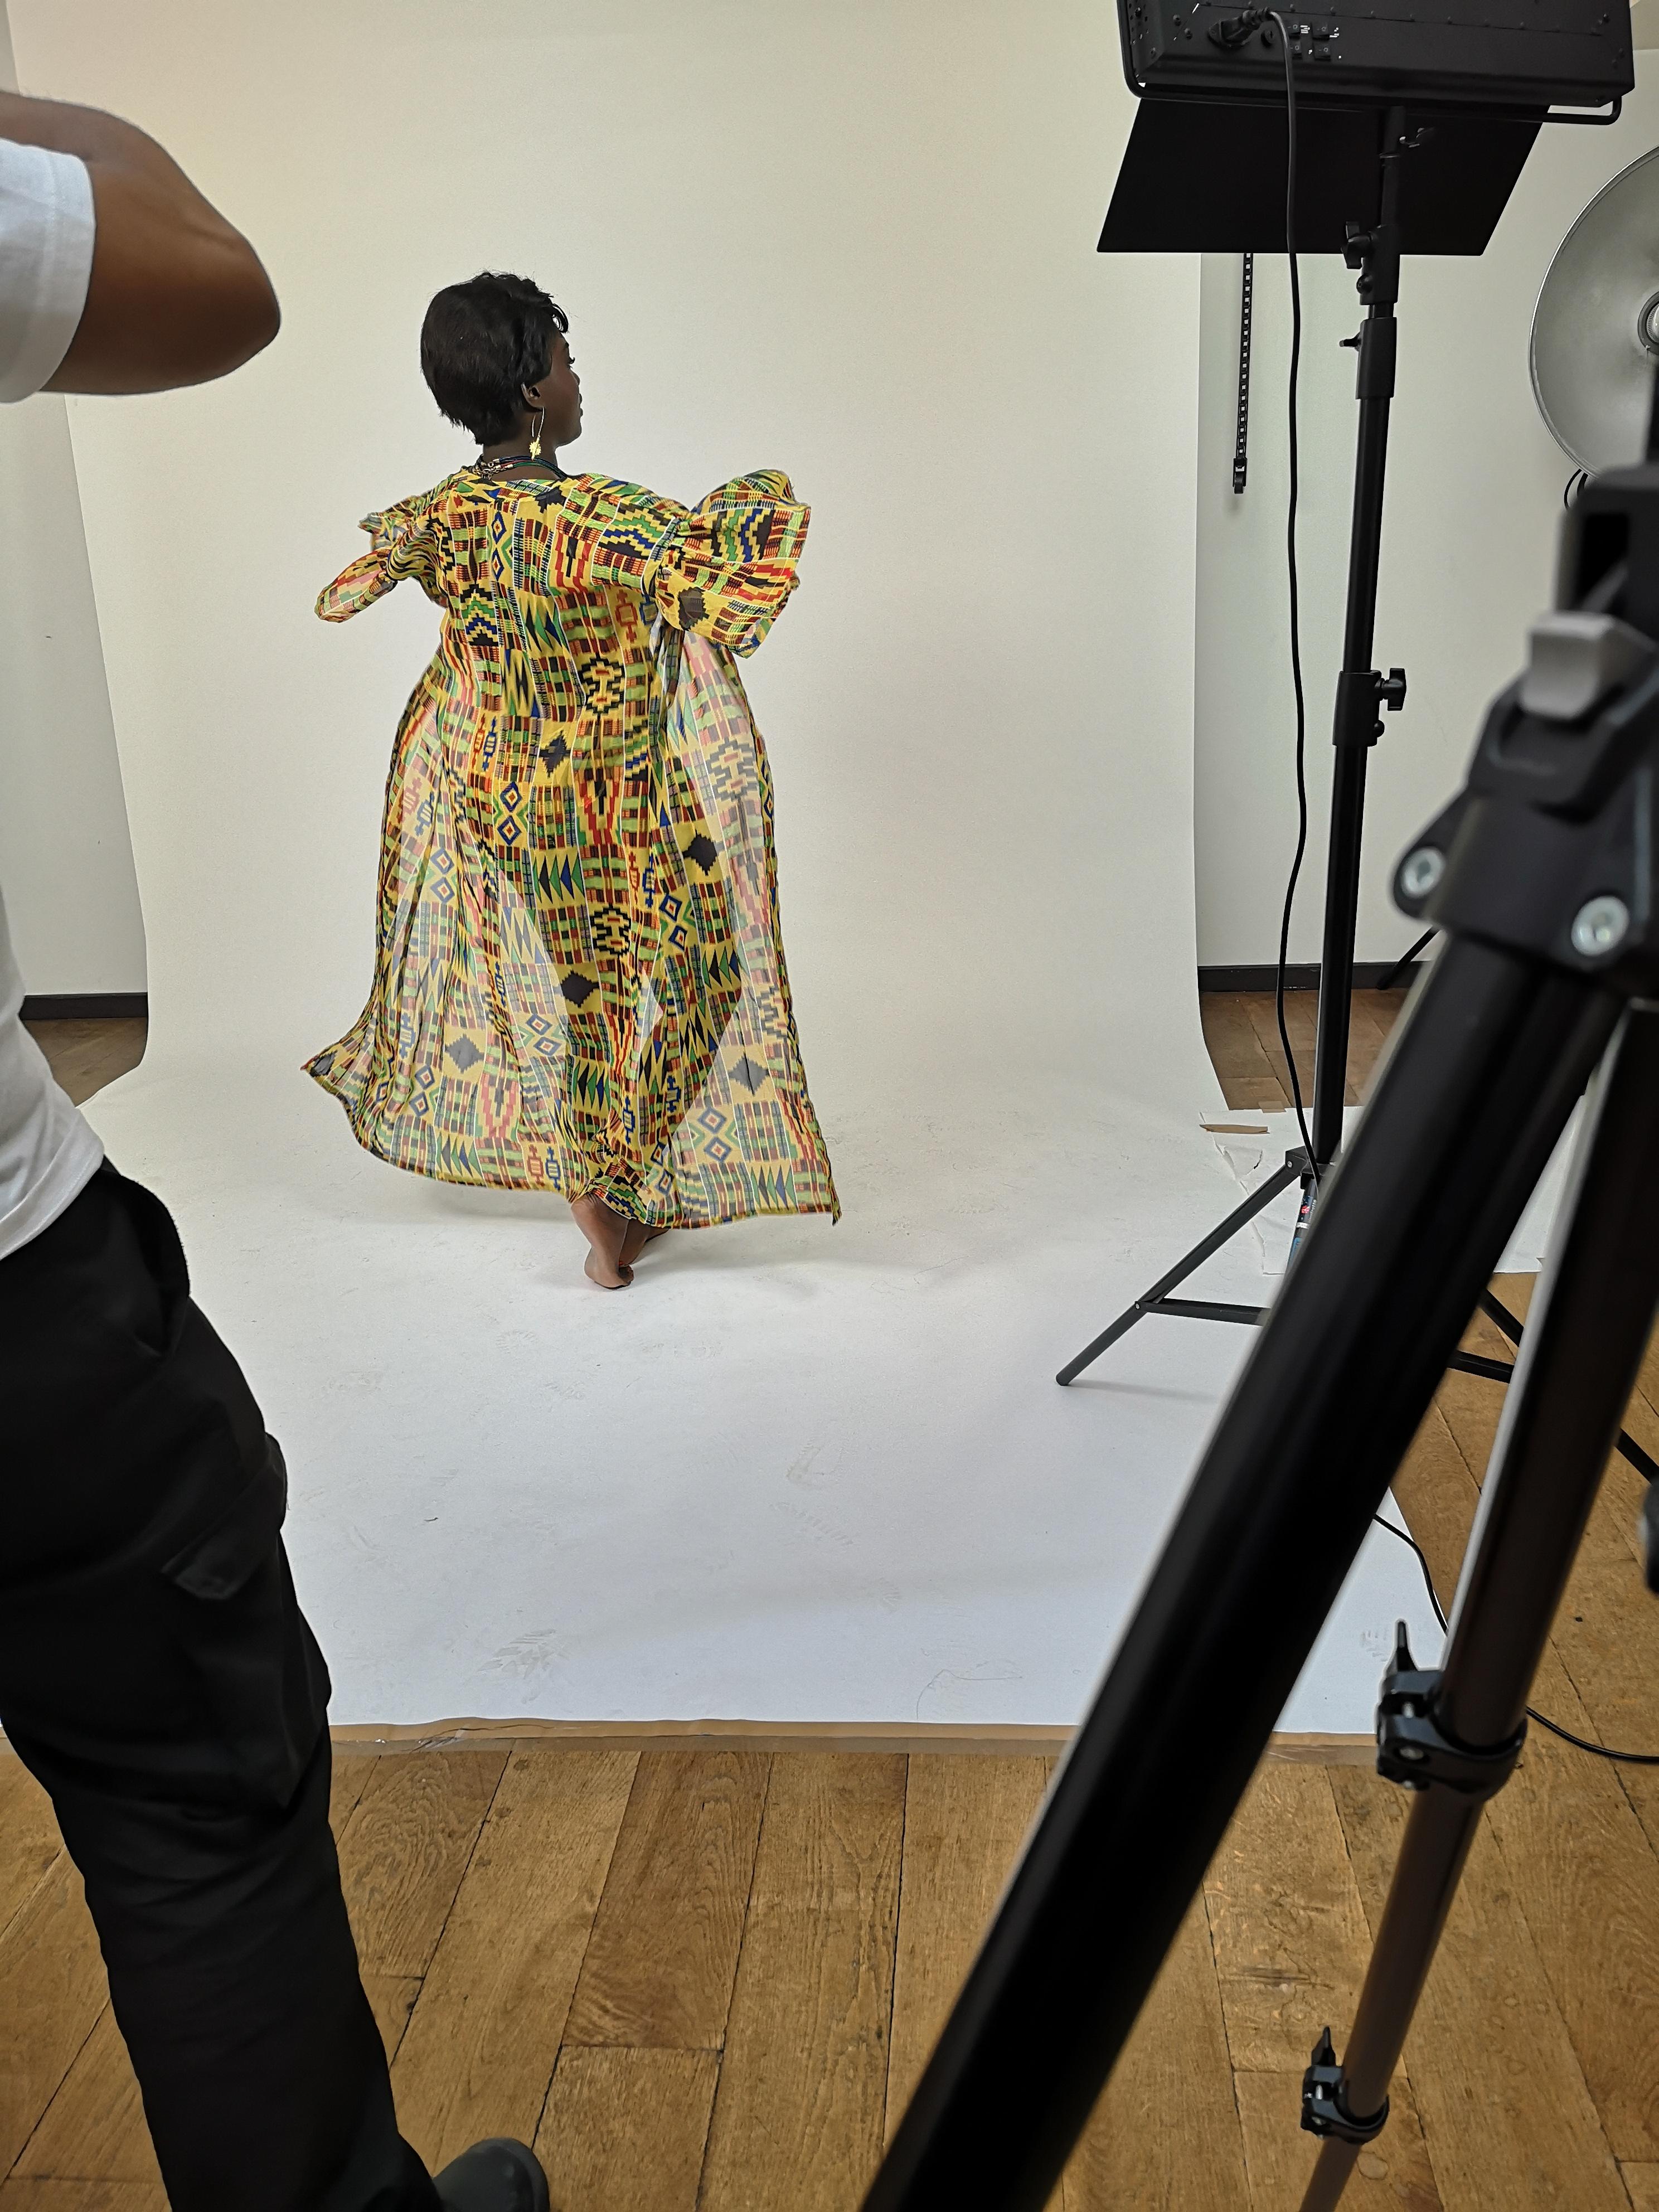 Kimono kimy